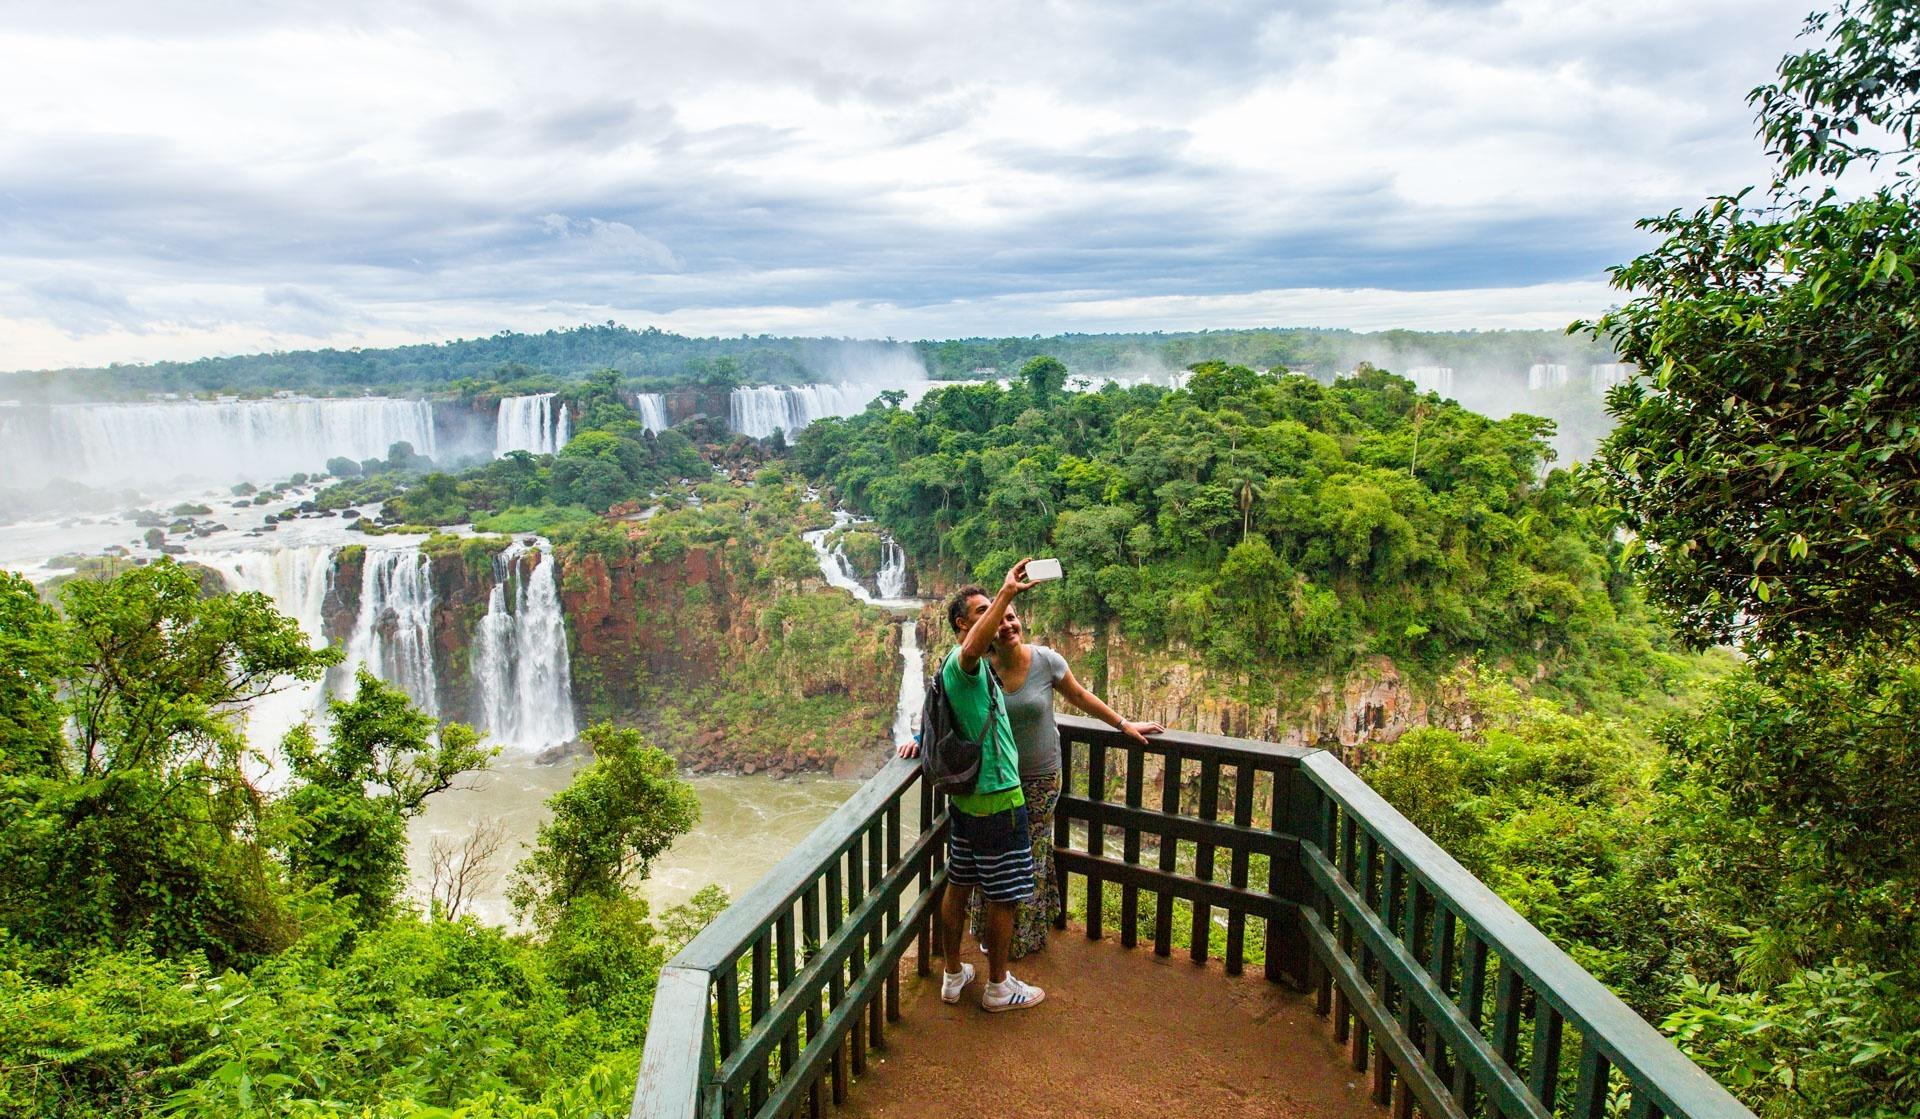 Fauna und Flora ohnegleichen: Die Iguazú-Fälle sind ein einmaliges Naturwunder zwischen Argentinien und Brasilien. Quelle: Viventura